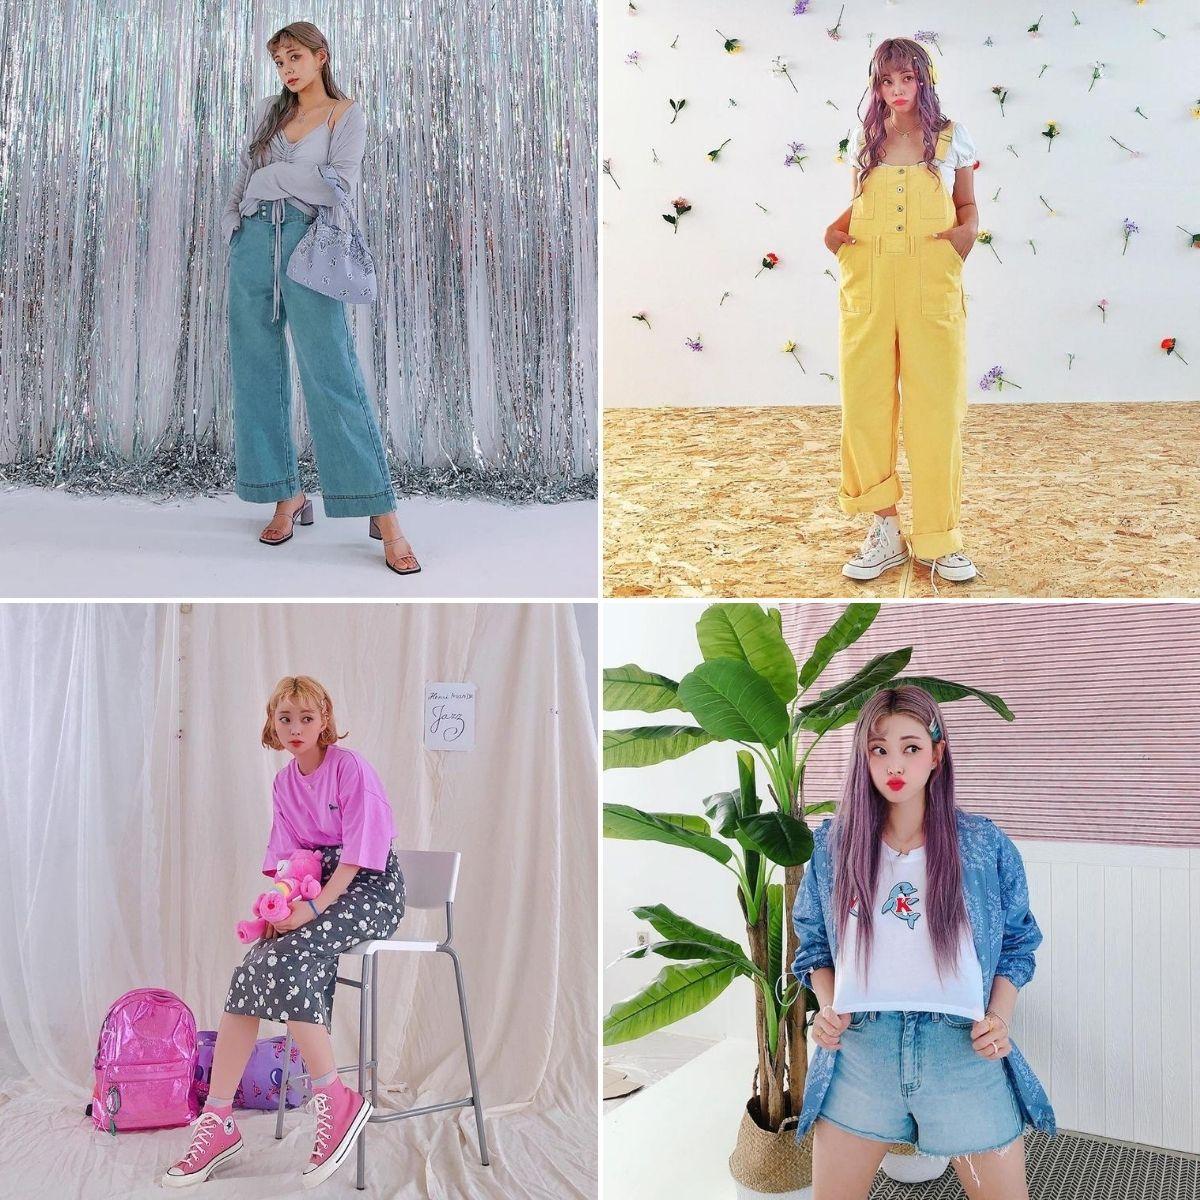 blogger thời trang hàn quốc kim hyein phong cách trẻ trung